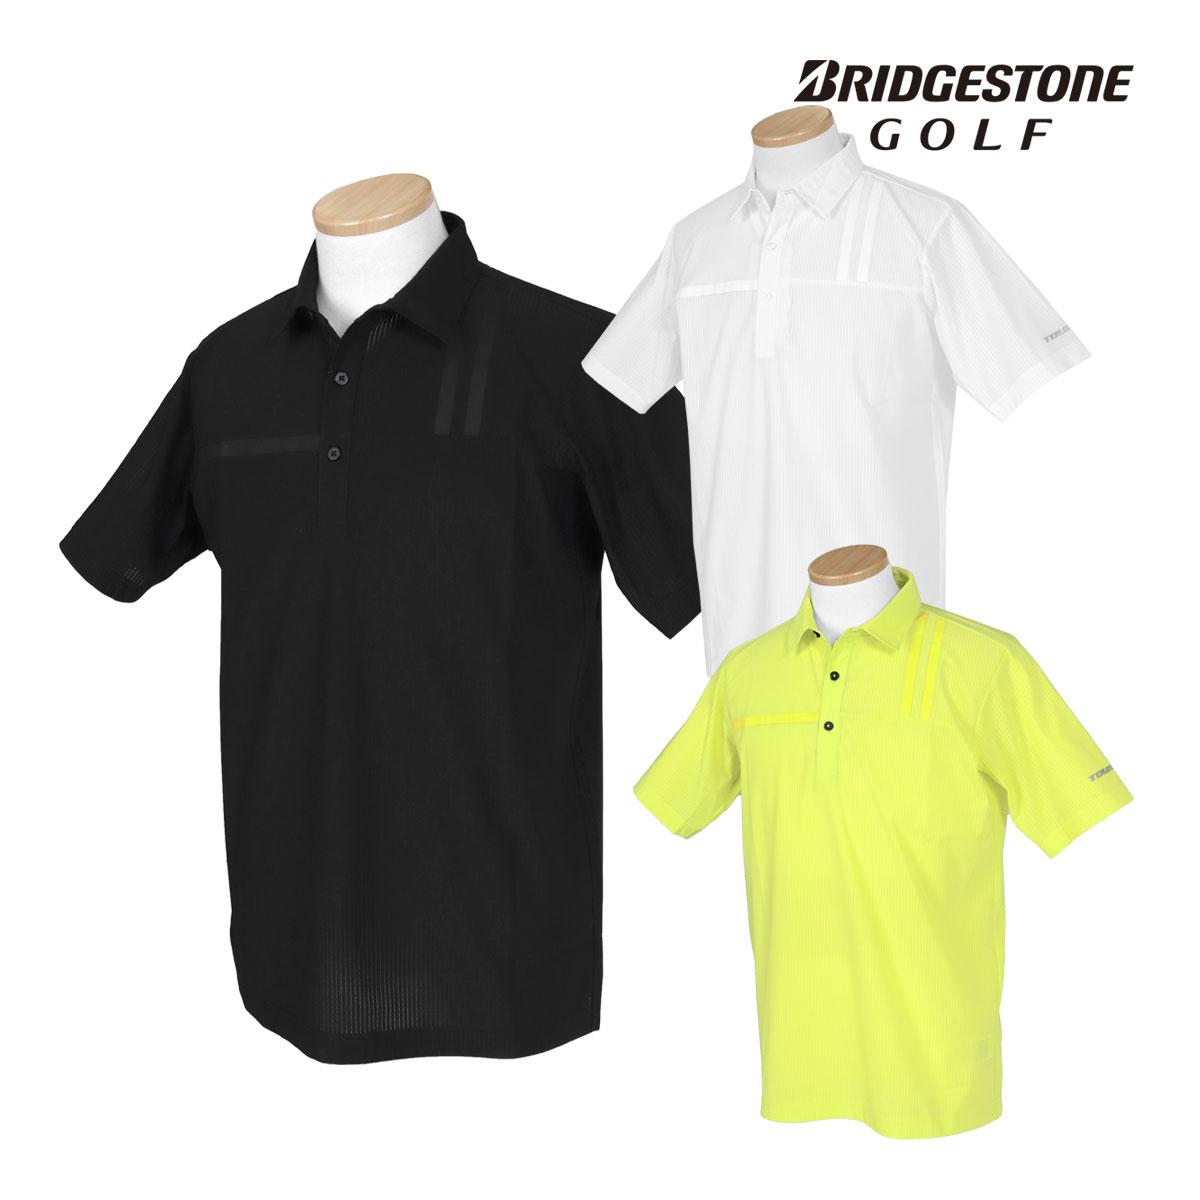 サイズがあえばラッキー BridgestoneGolf ブリヂストンゴルフ TOUR B 3GN01A 半袖シャツ 春夏ウエア あす楽対応 物品 高級品